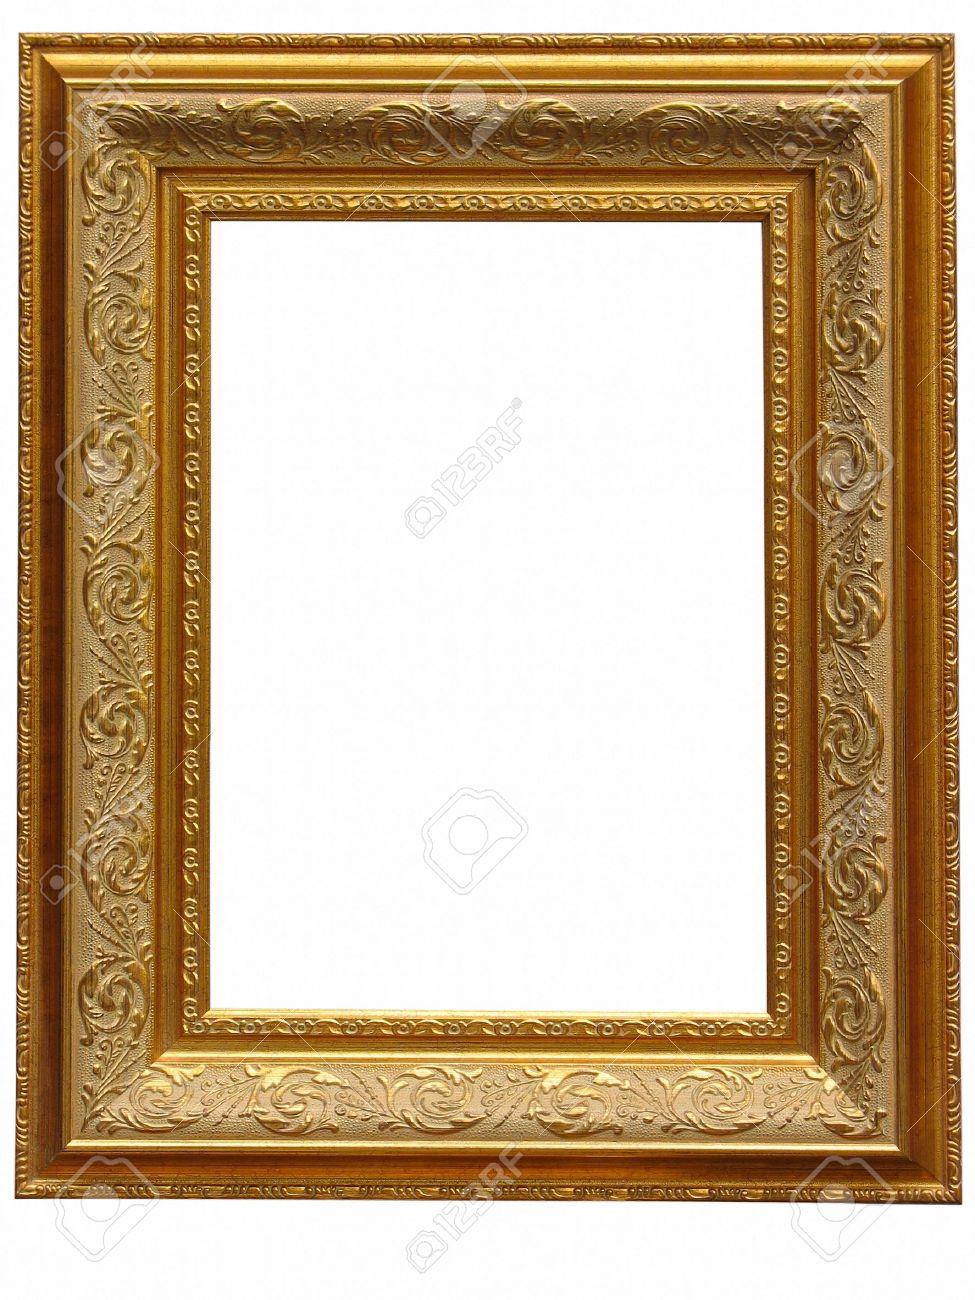 Vintage Antiken Gold-Bilderrahmen Isoliert Auf Weißem Hintergrund ...